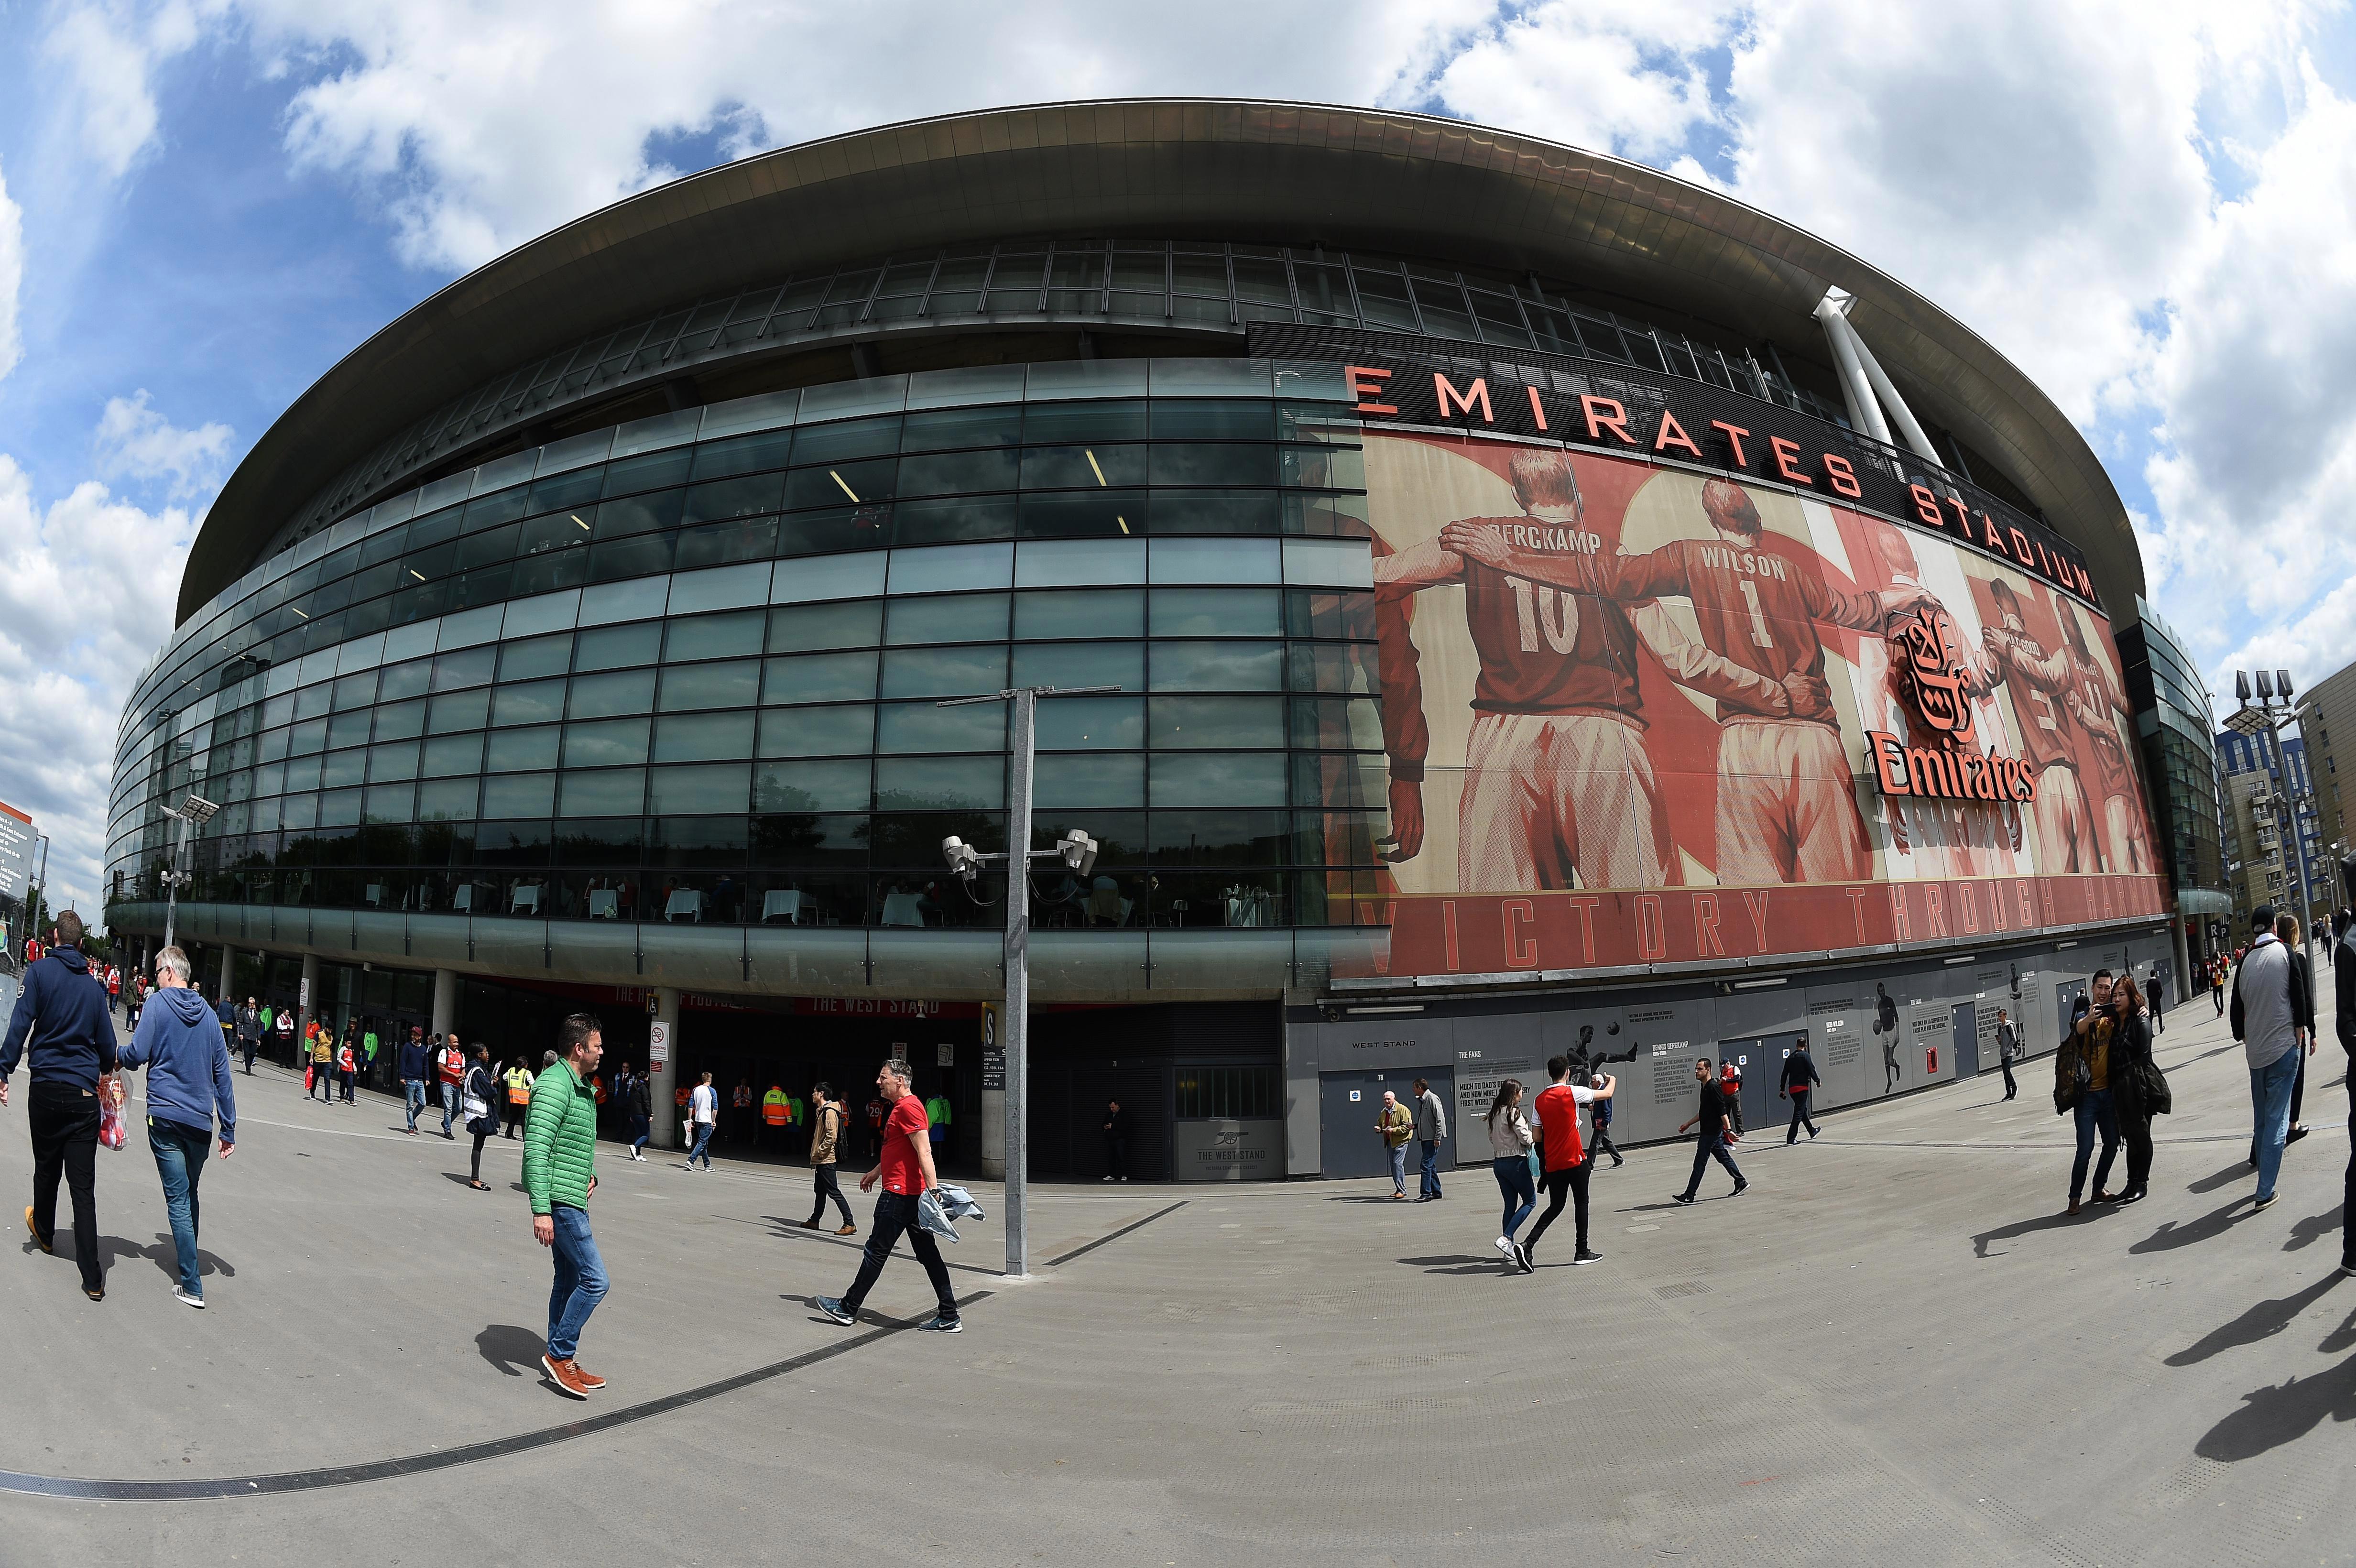 The Emirates Stadium will feature in FIFA 18